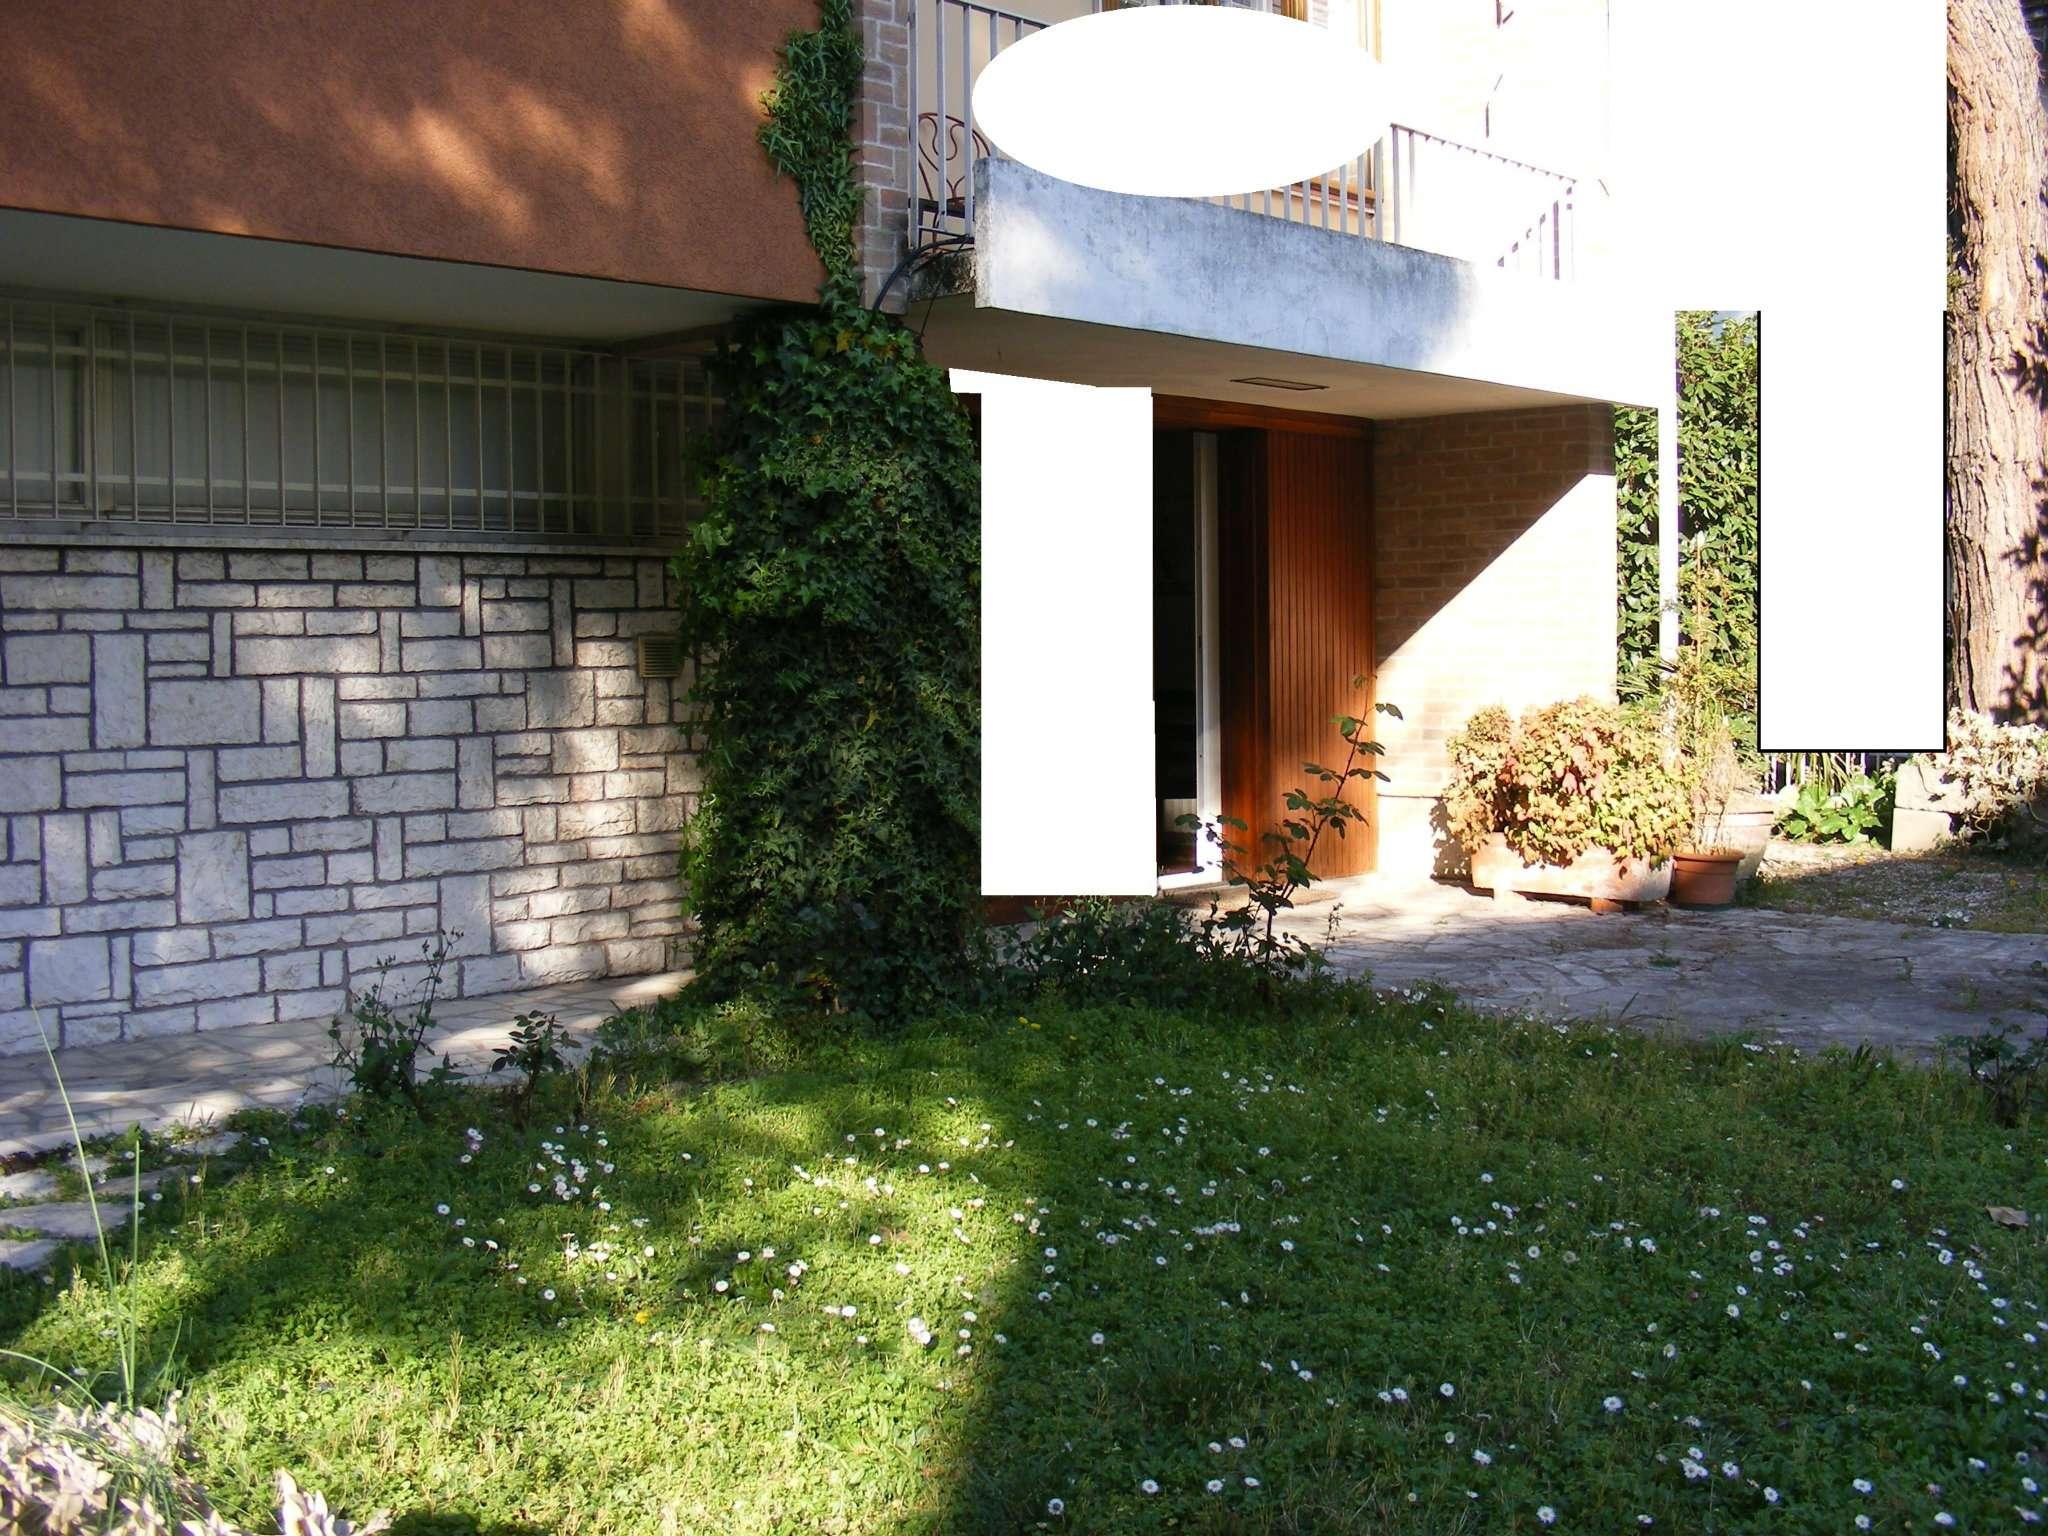 Villa in vendita a Padova, 8 locali, zona Zona: 4 . Sud-Est (S.Croce-S. Osvaldo, Bassanello-Voltabarozzo), prezzo € 385.000 | CambioCasa.it